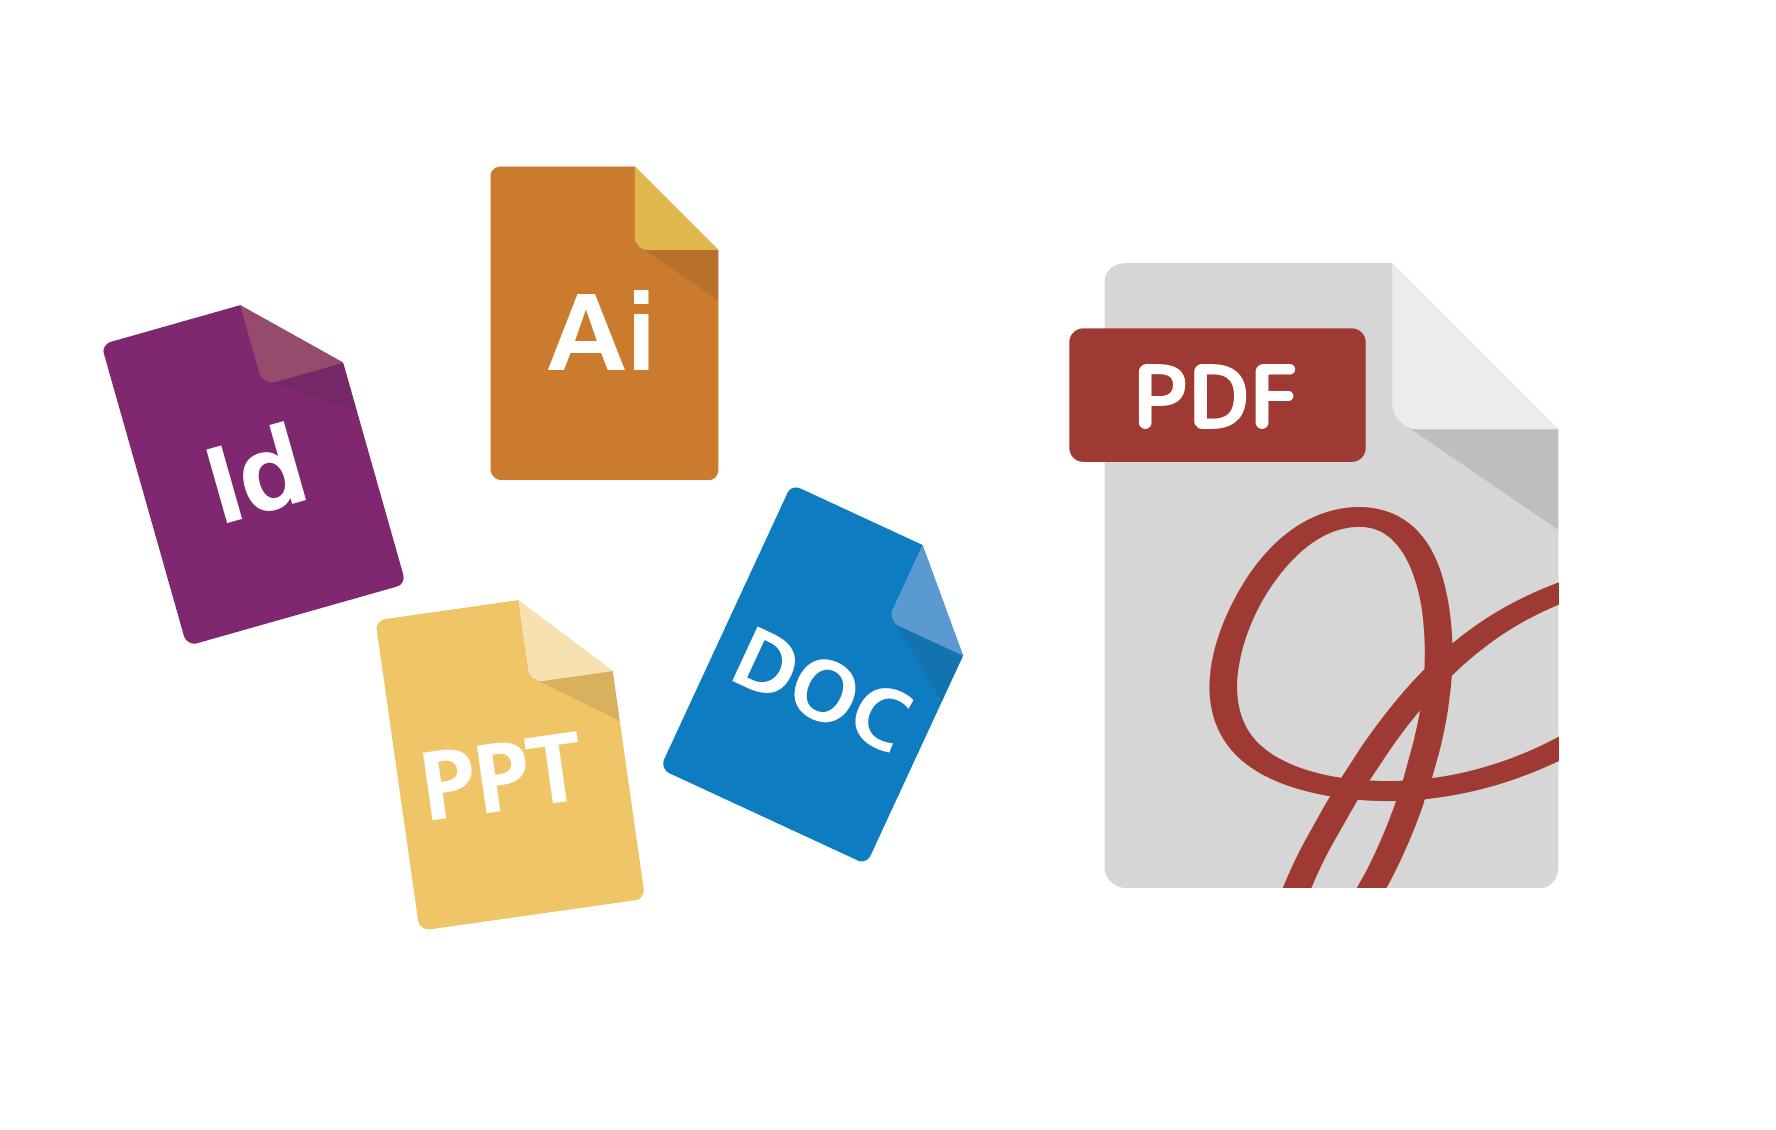 PDFで入稿データを作成する3つの基本(解像度、トンボ、塗り足し)